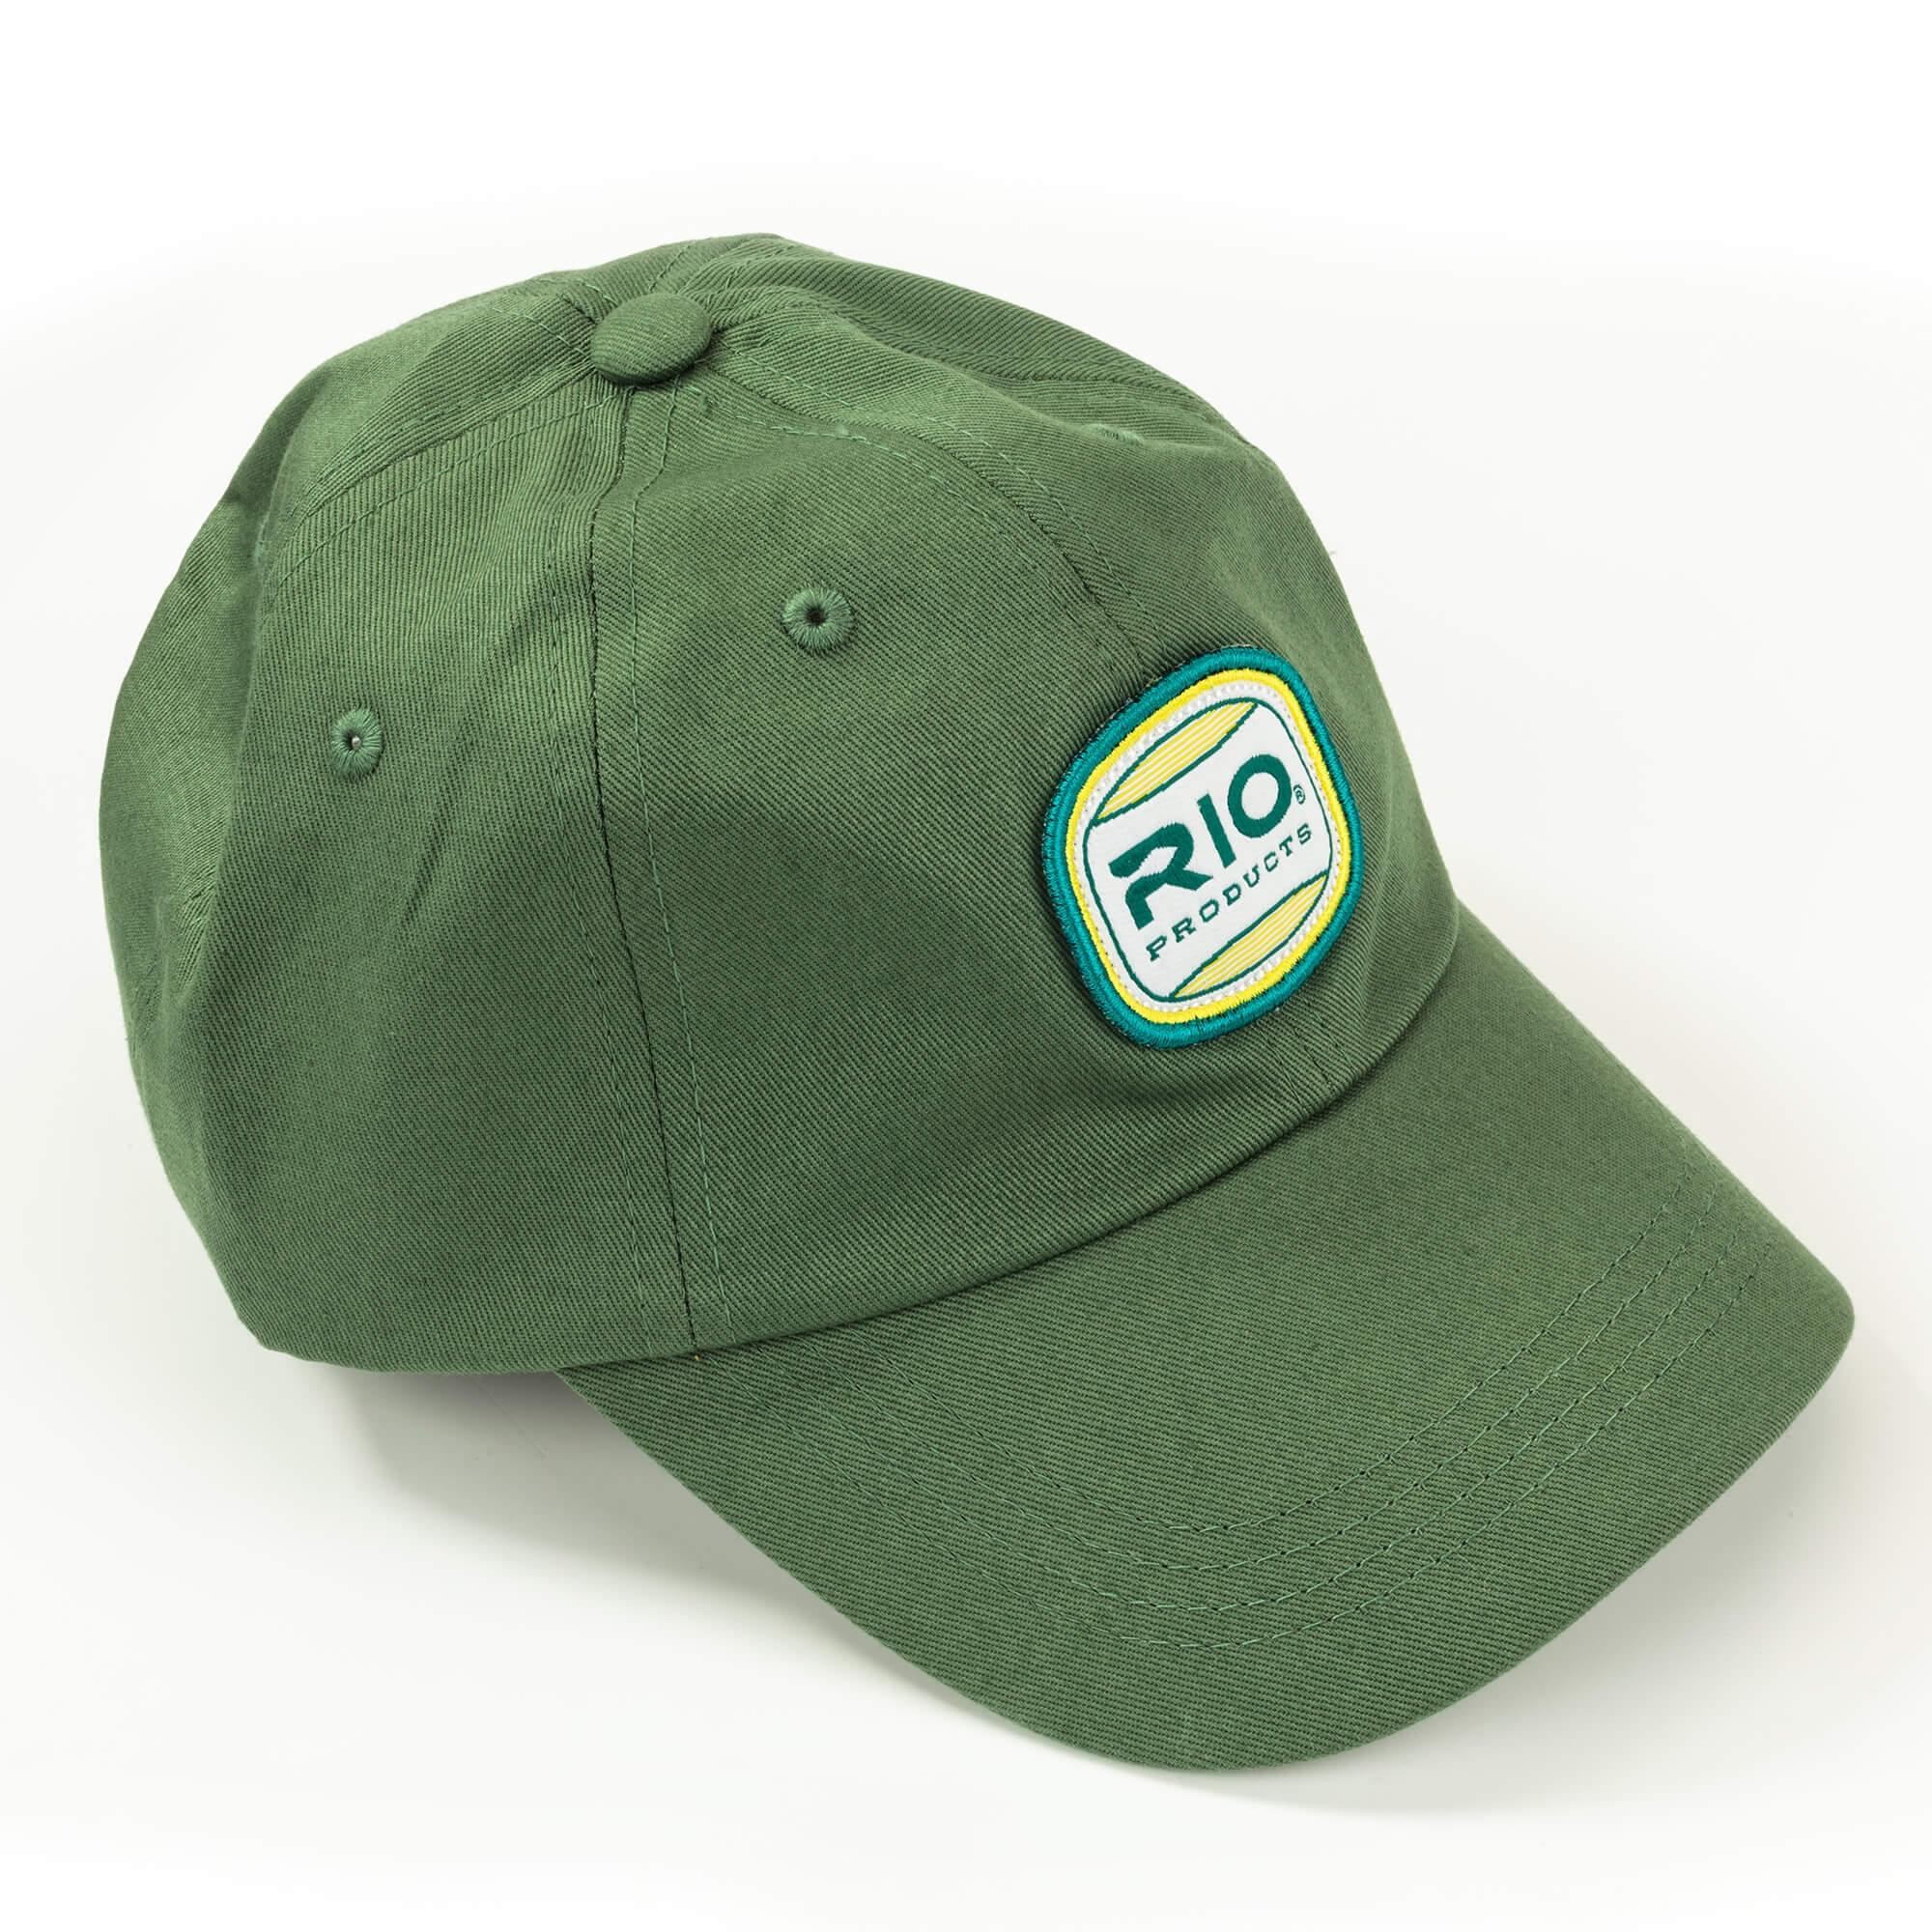 RIO PATCH CAP